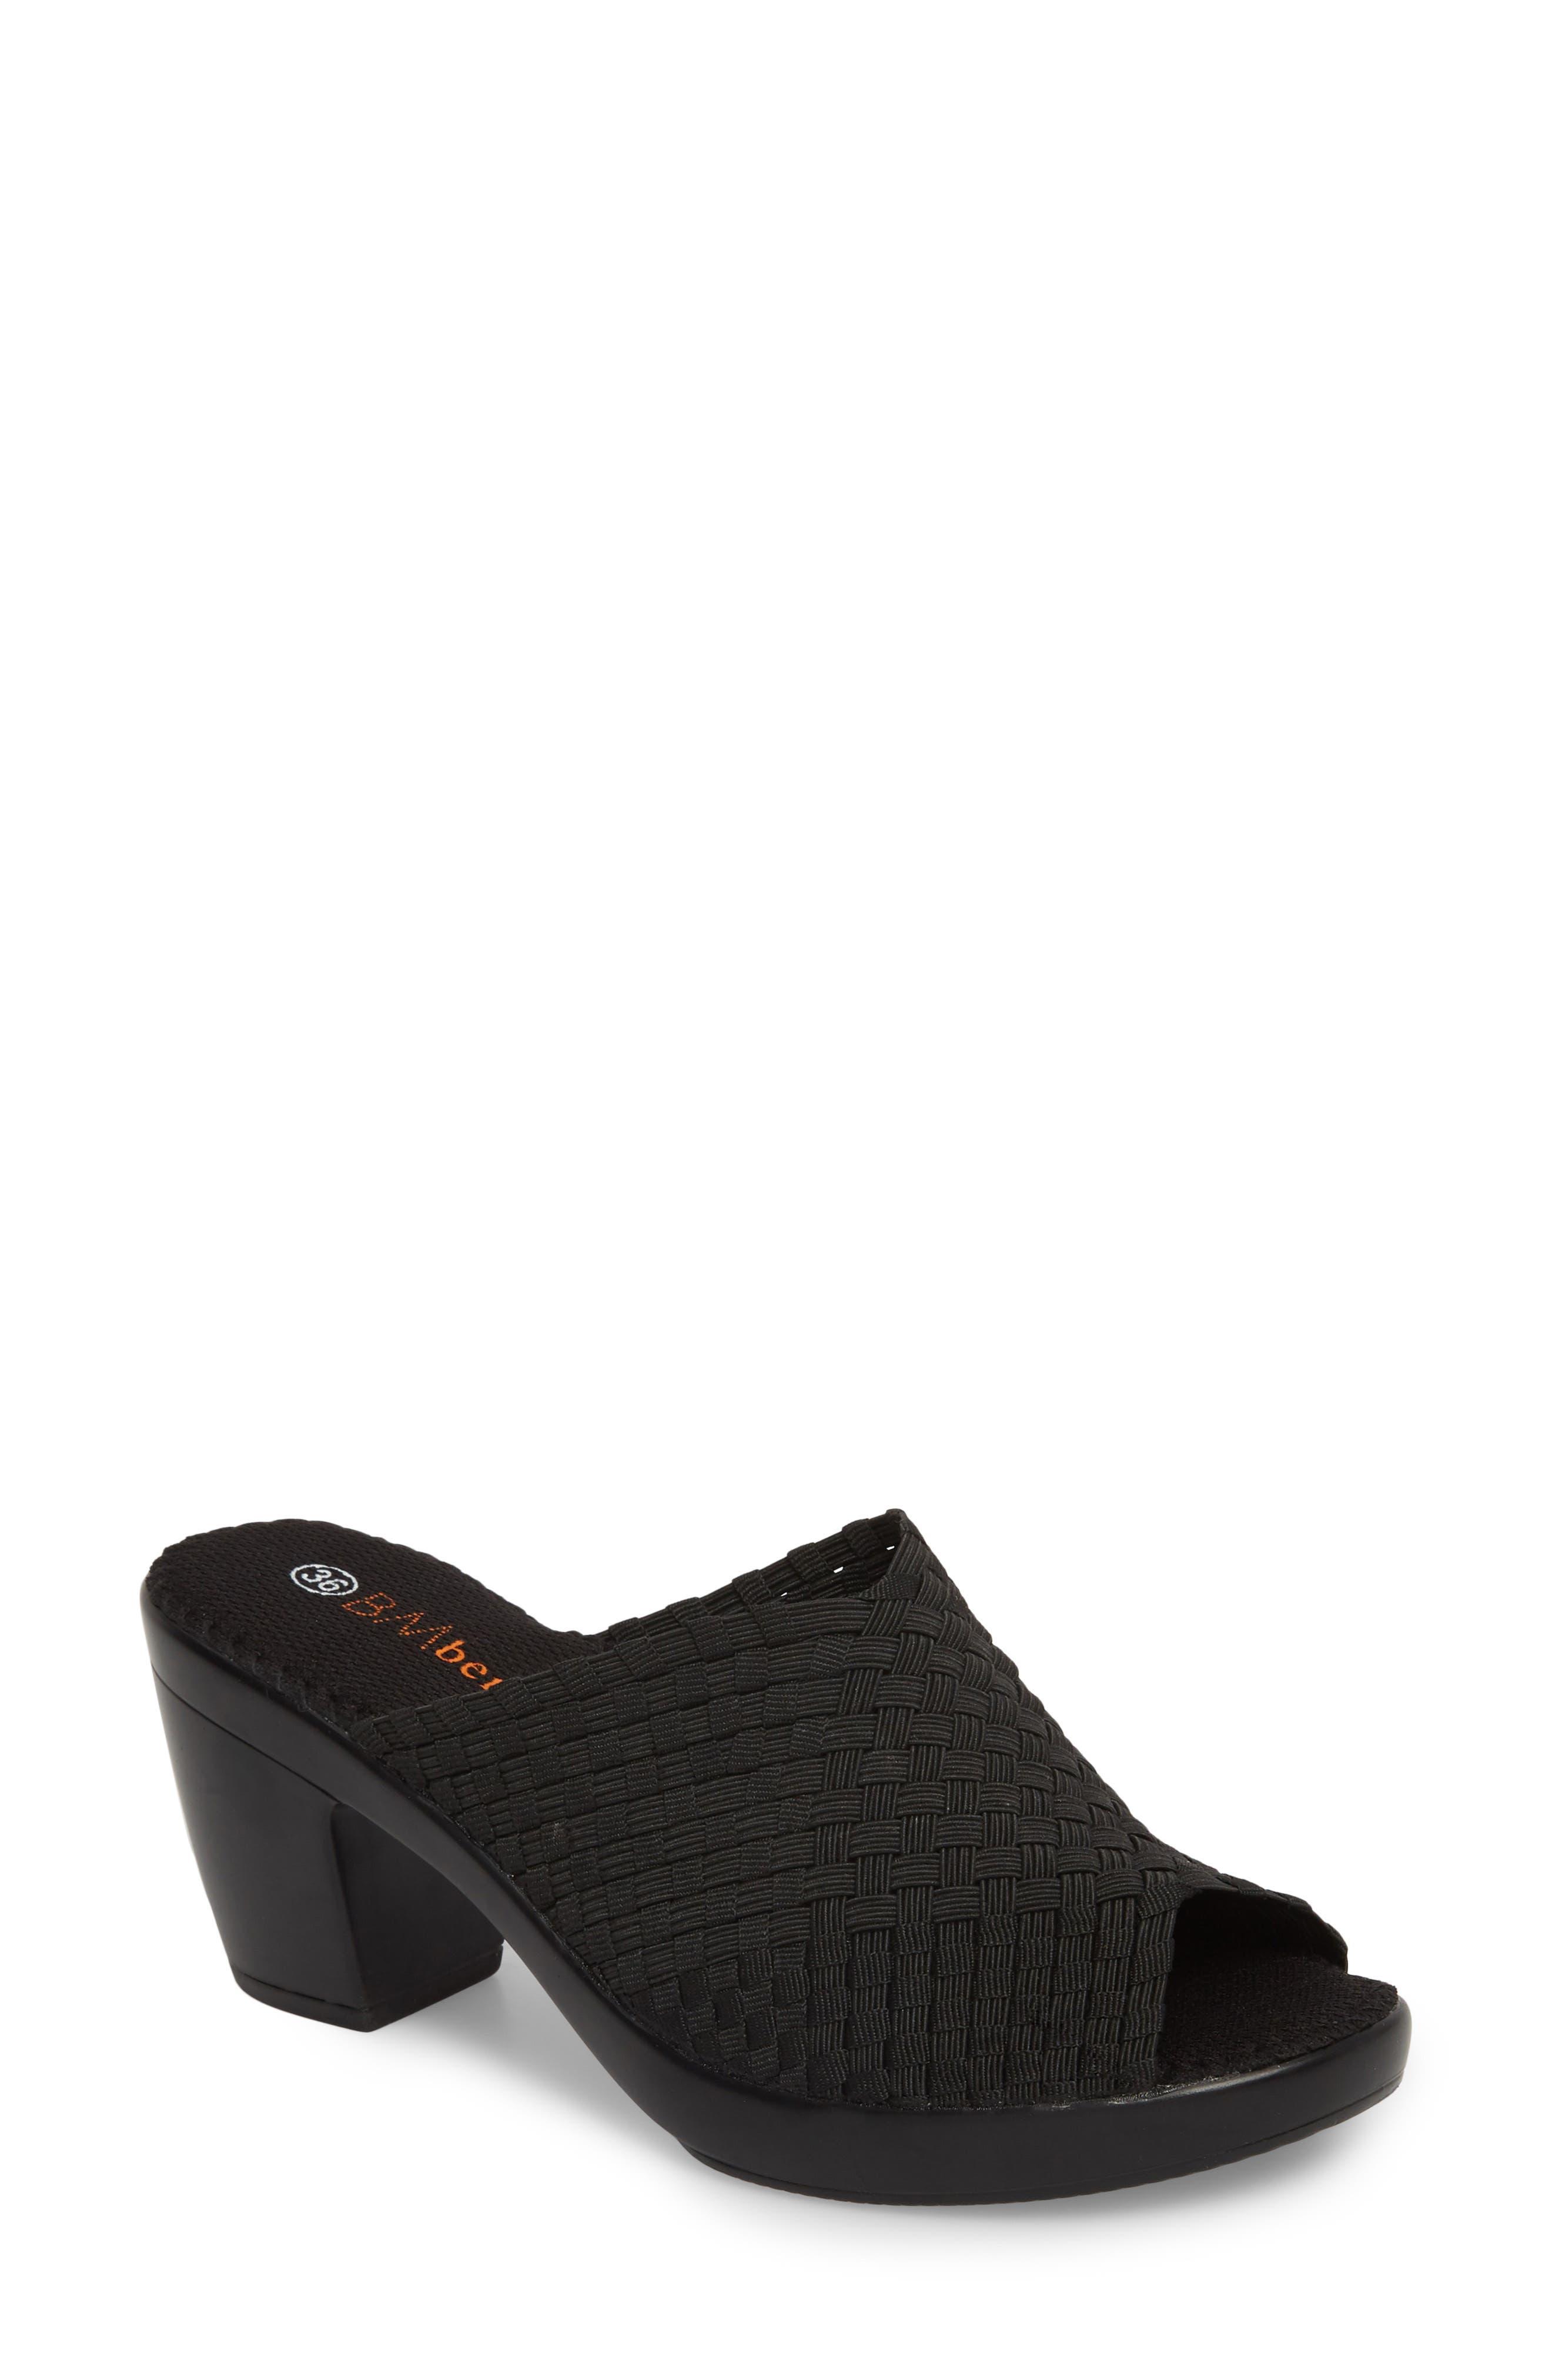 Sun Texas Sandal,                         Main,                         color, BLACK FABRIC